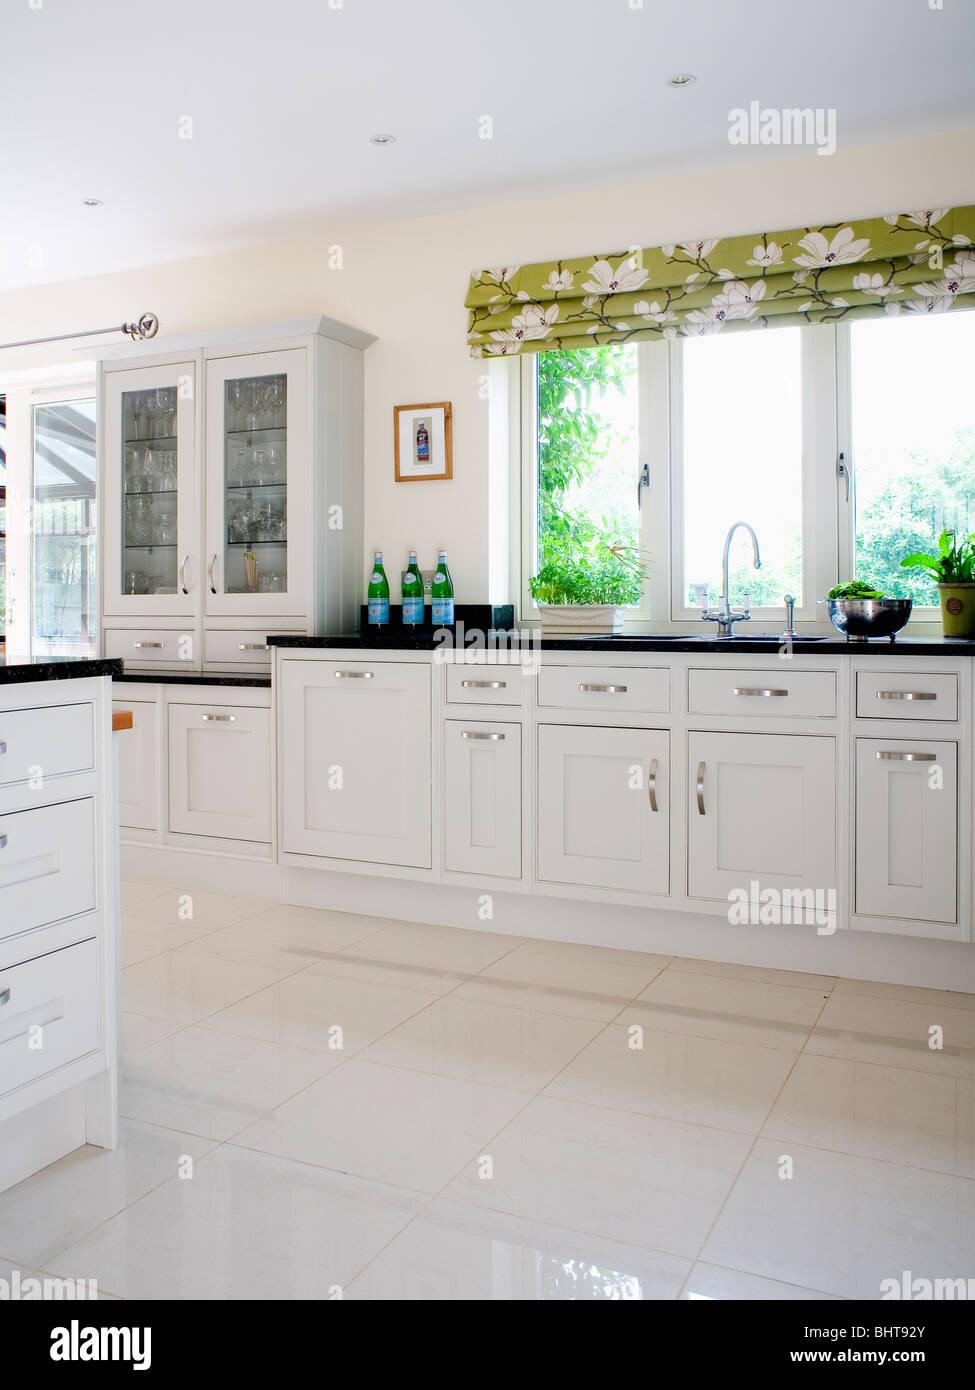 Weißer Bodenbelag weißer keramik bodenbelag in moderne weiße küche mit grün weiße